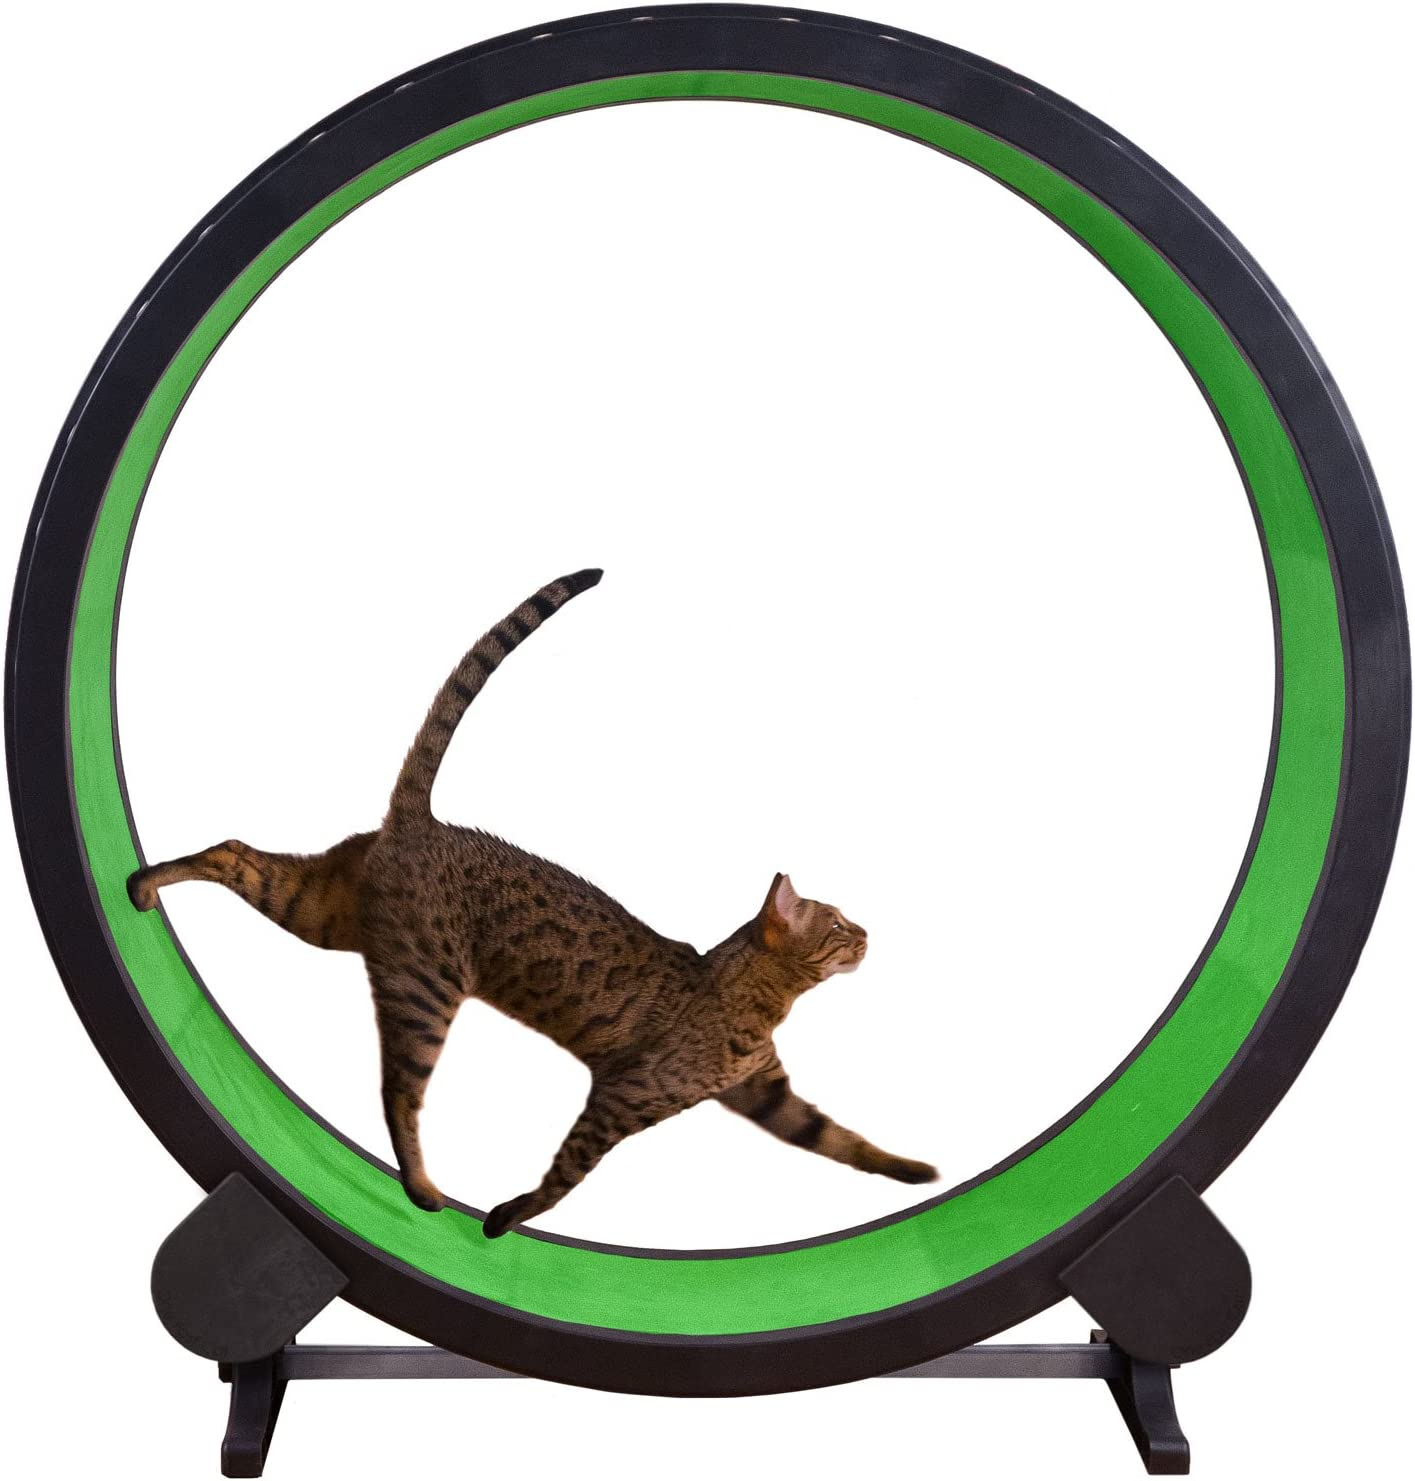 ONE FAST CAT Un rápido Gato Ejercicio Rueda: Amazon.es: Productos para mascotas